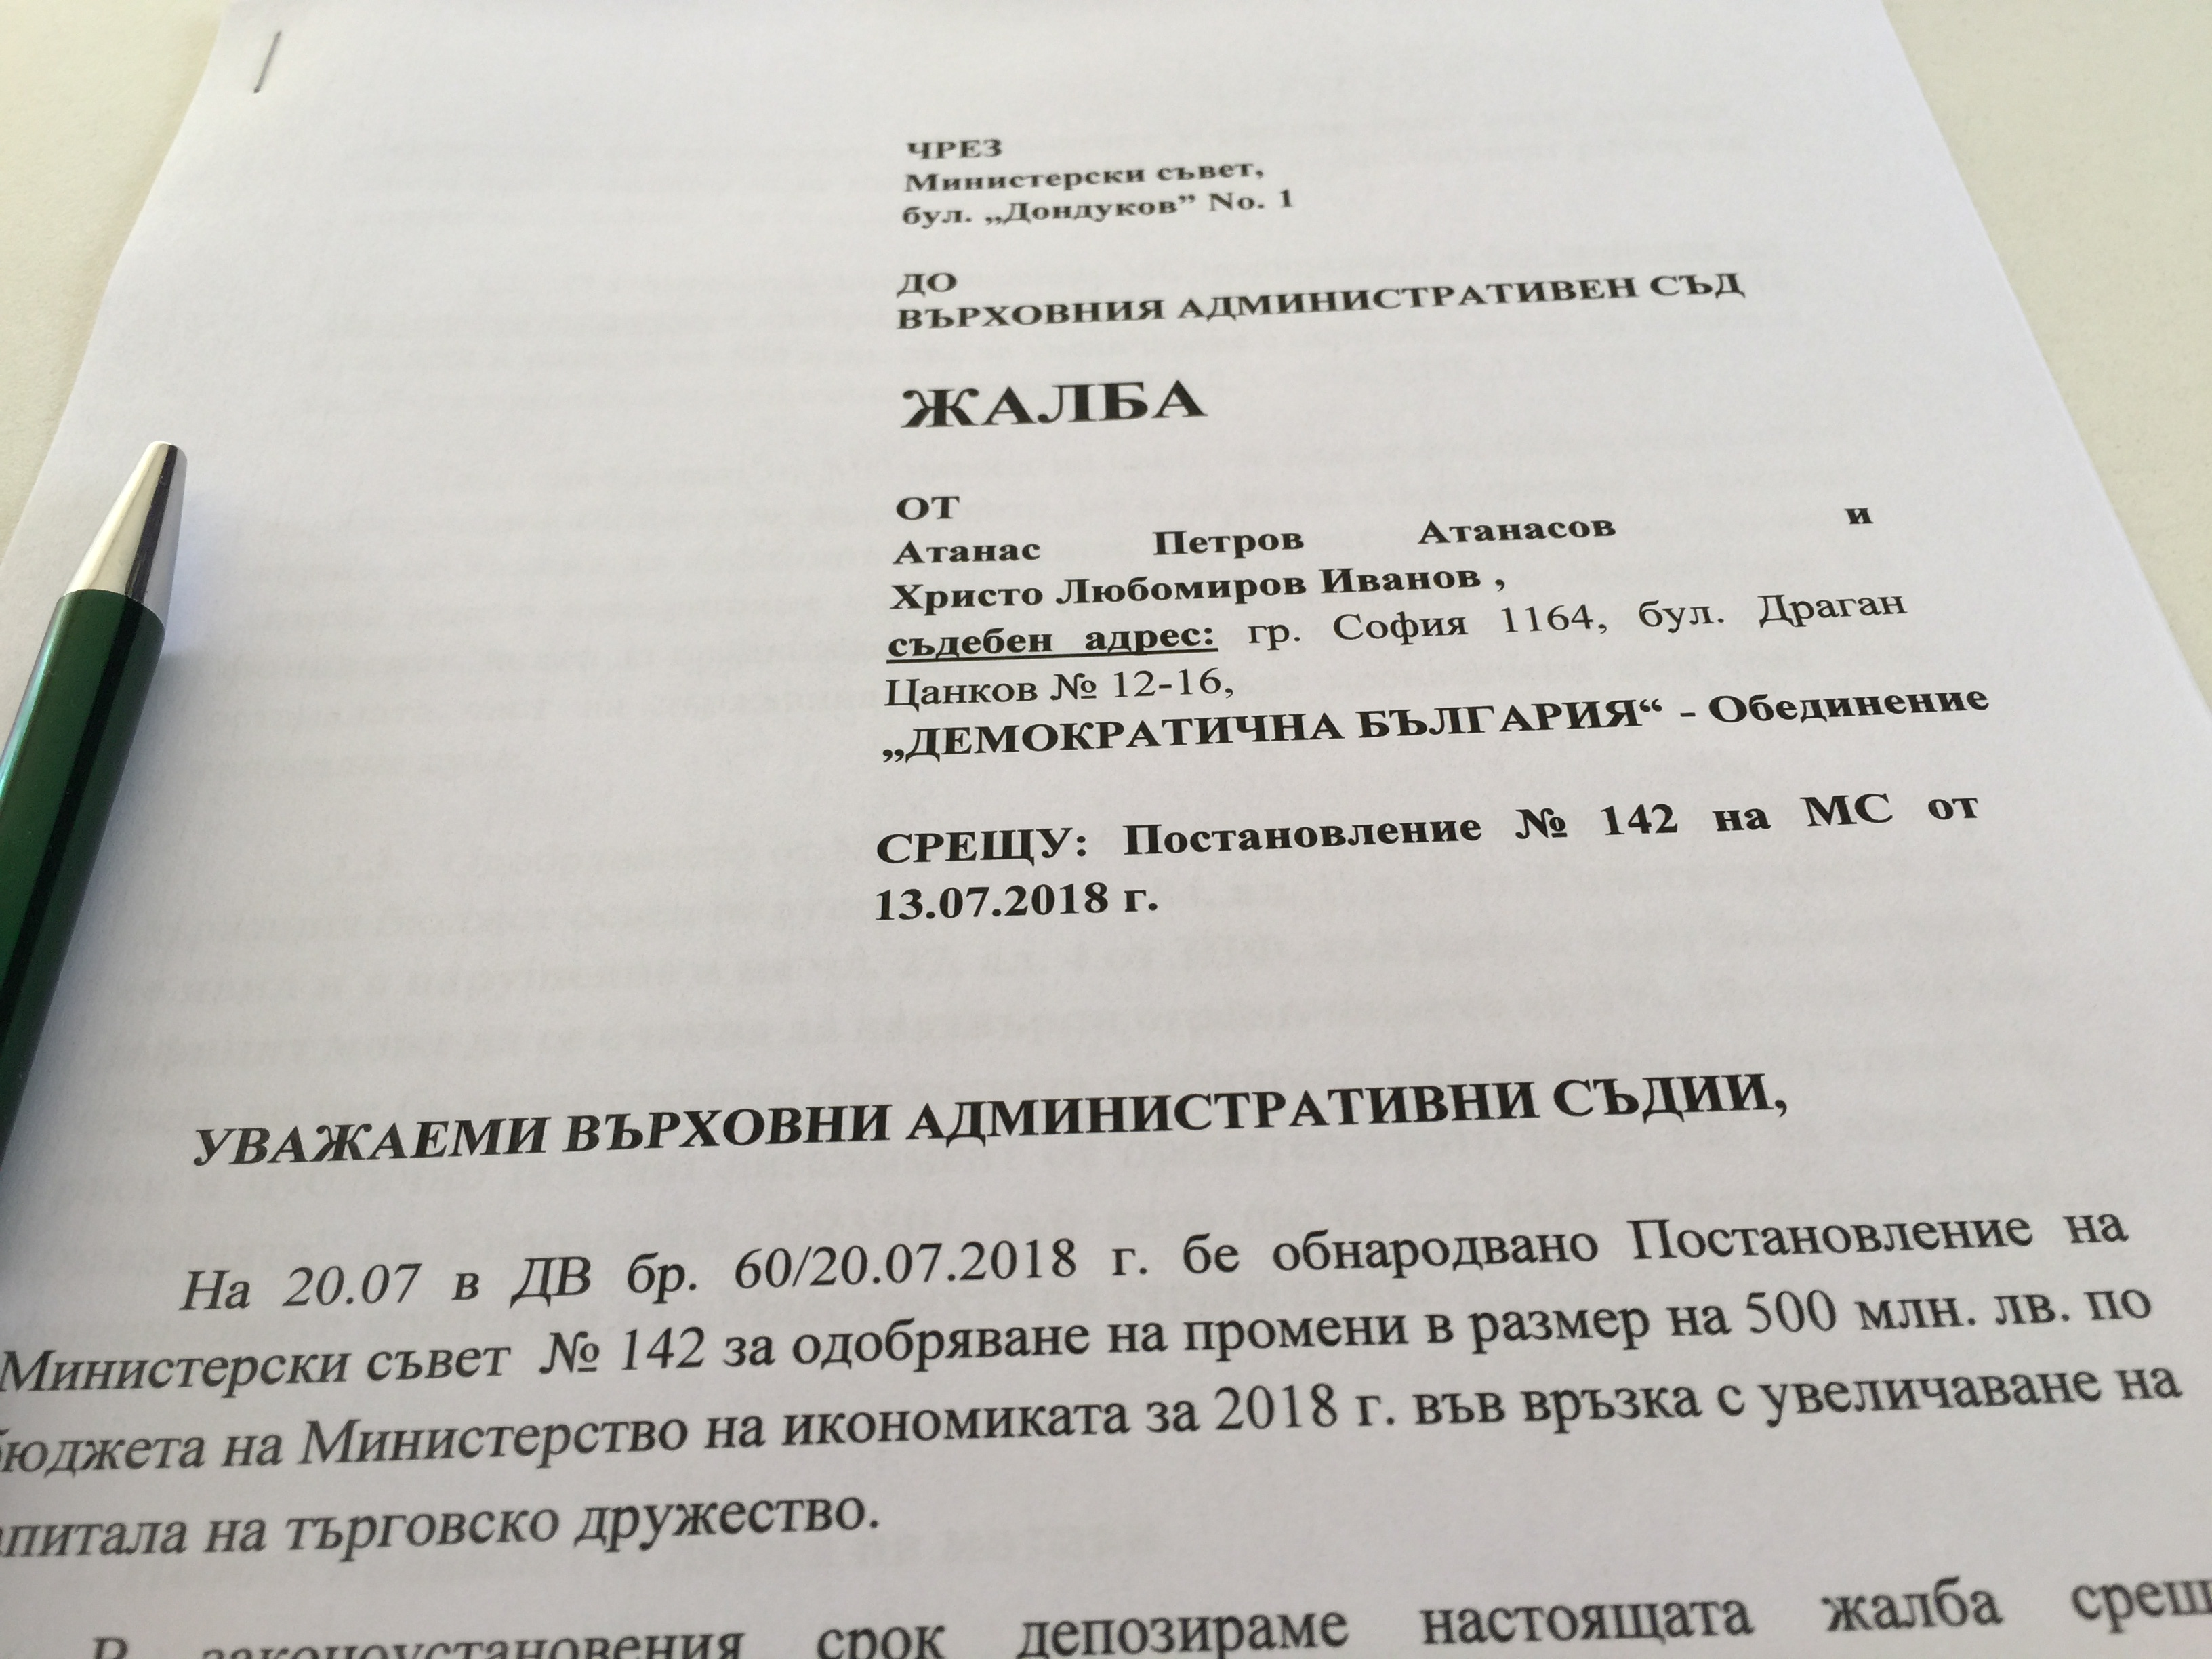 Министерски съвет застрашава фискалната  стабилност на държавата